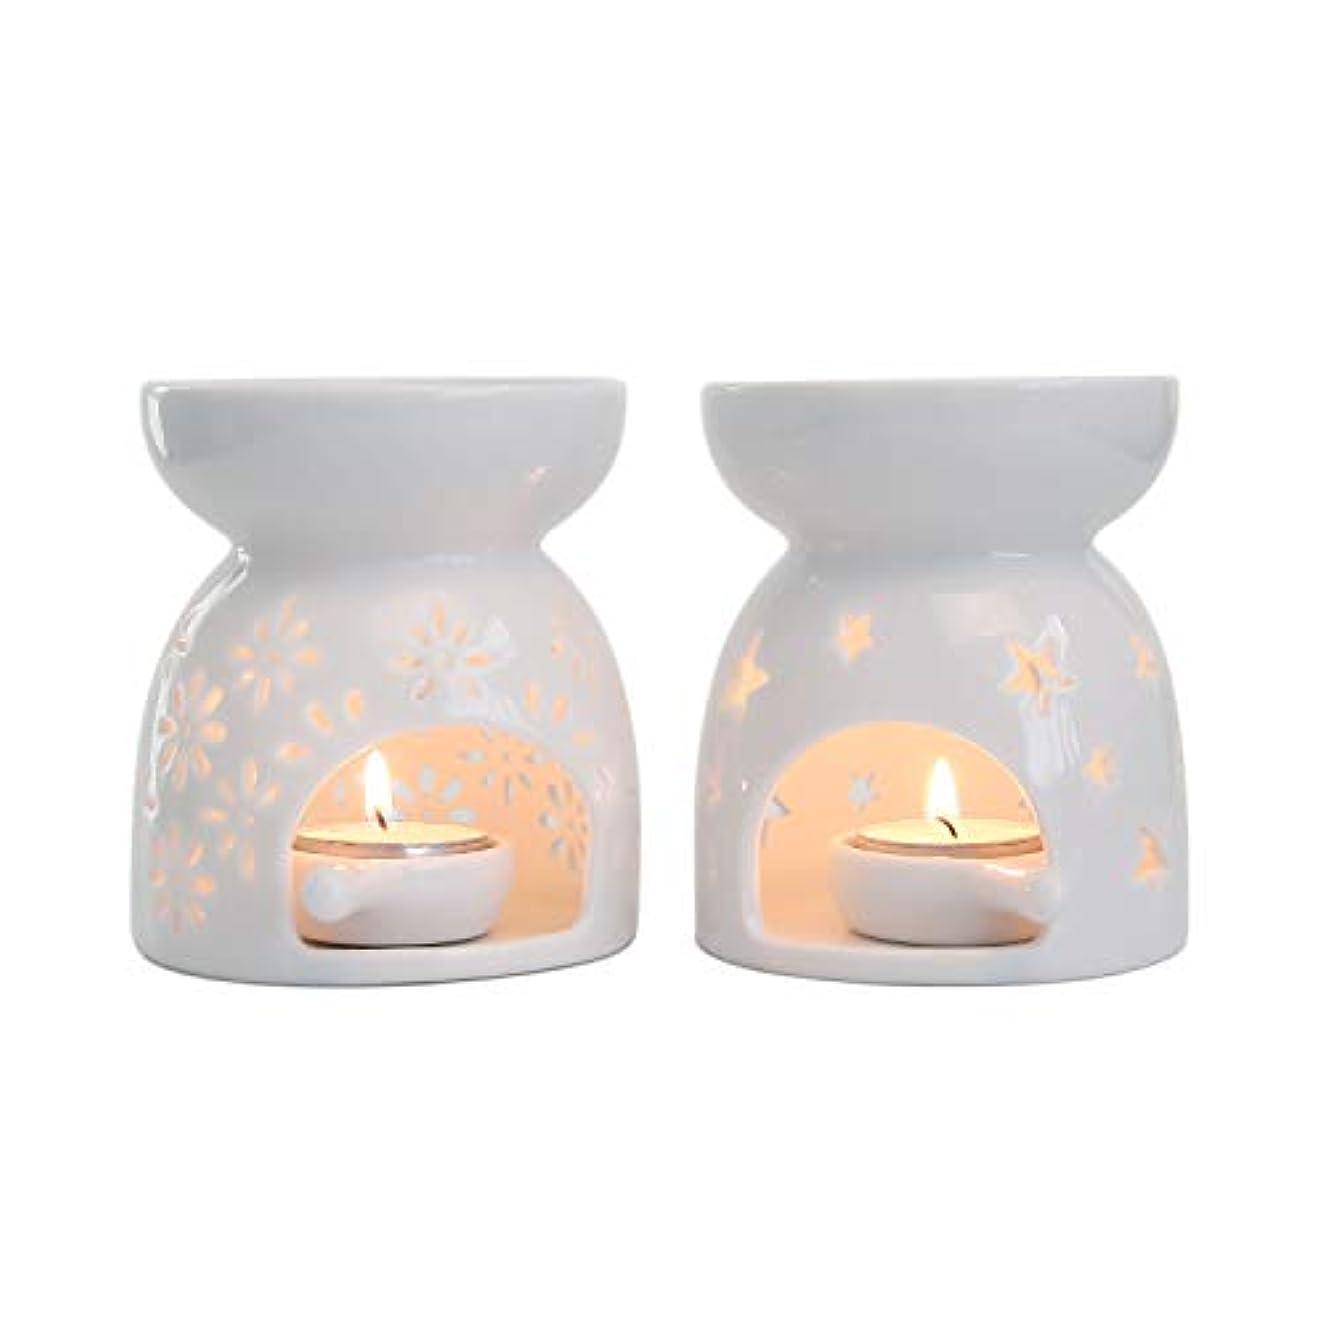 涙パワー安全でないRachel's Choice 陶製 アロマ ランプ ディフューザー アロマキャンドル キャンドルホルダー 花形&星形 ホワイト 2点セット